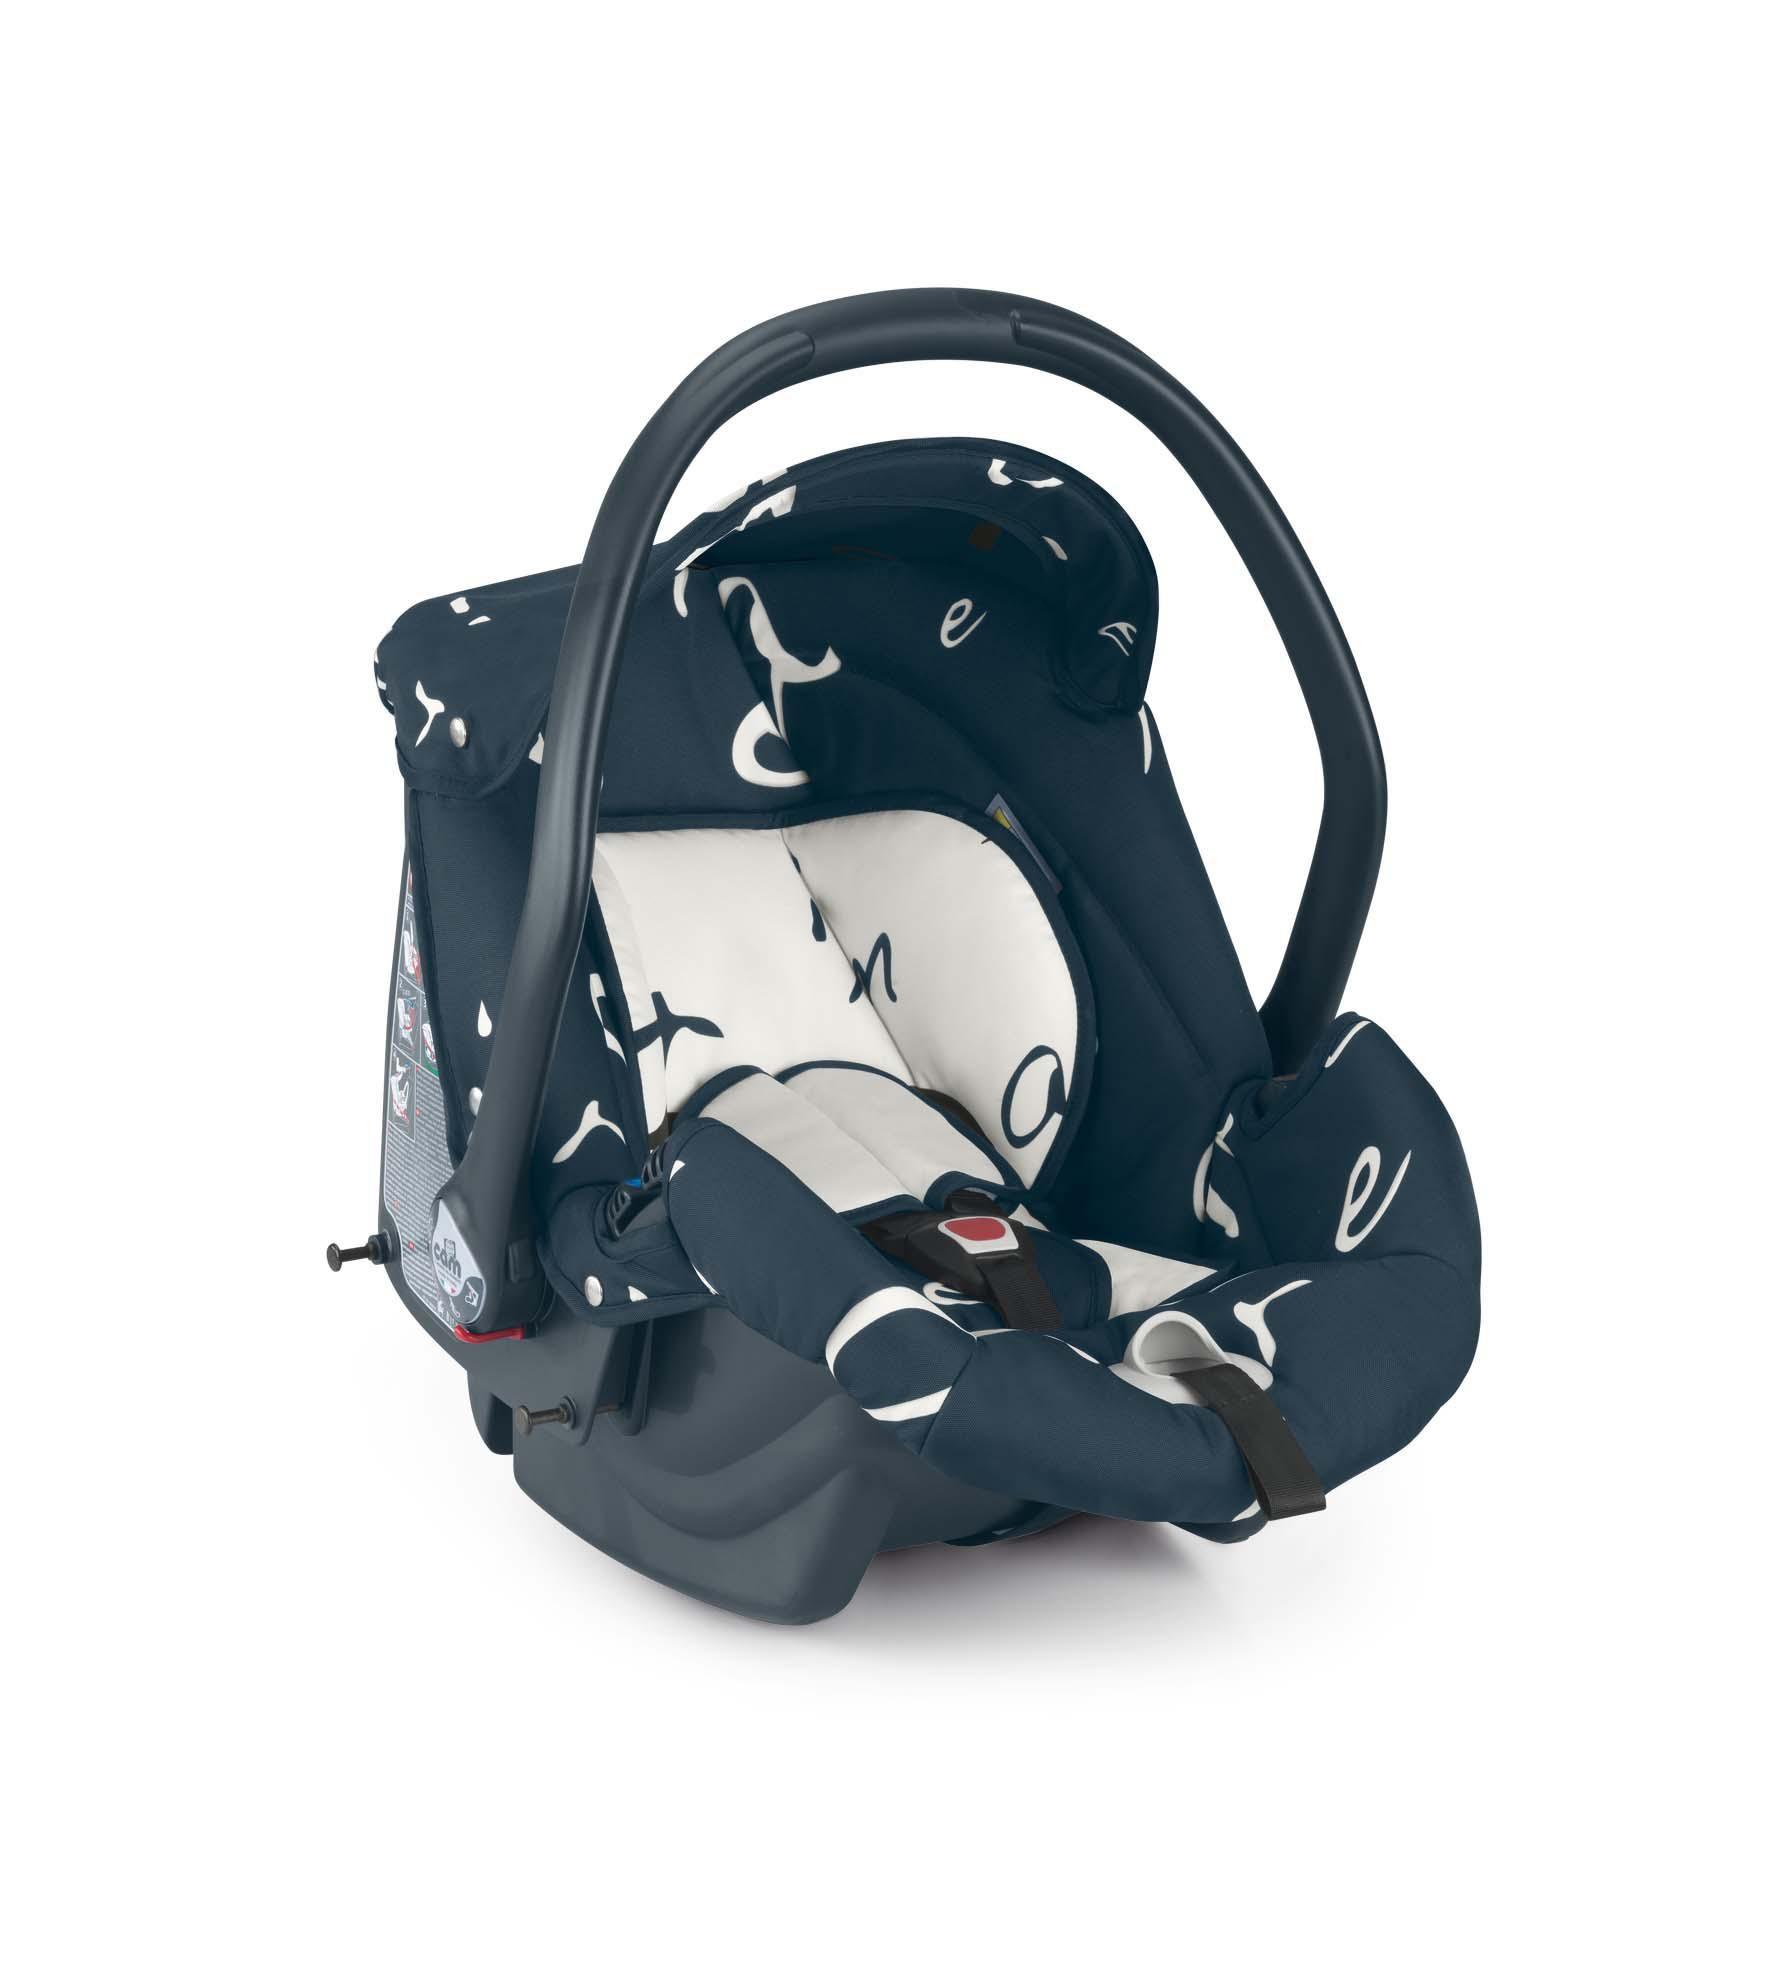 Cam Kinderwagen Fluido Amore Mio dark blue by CAMSPA Italy für Baby und Kind Typo